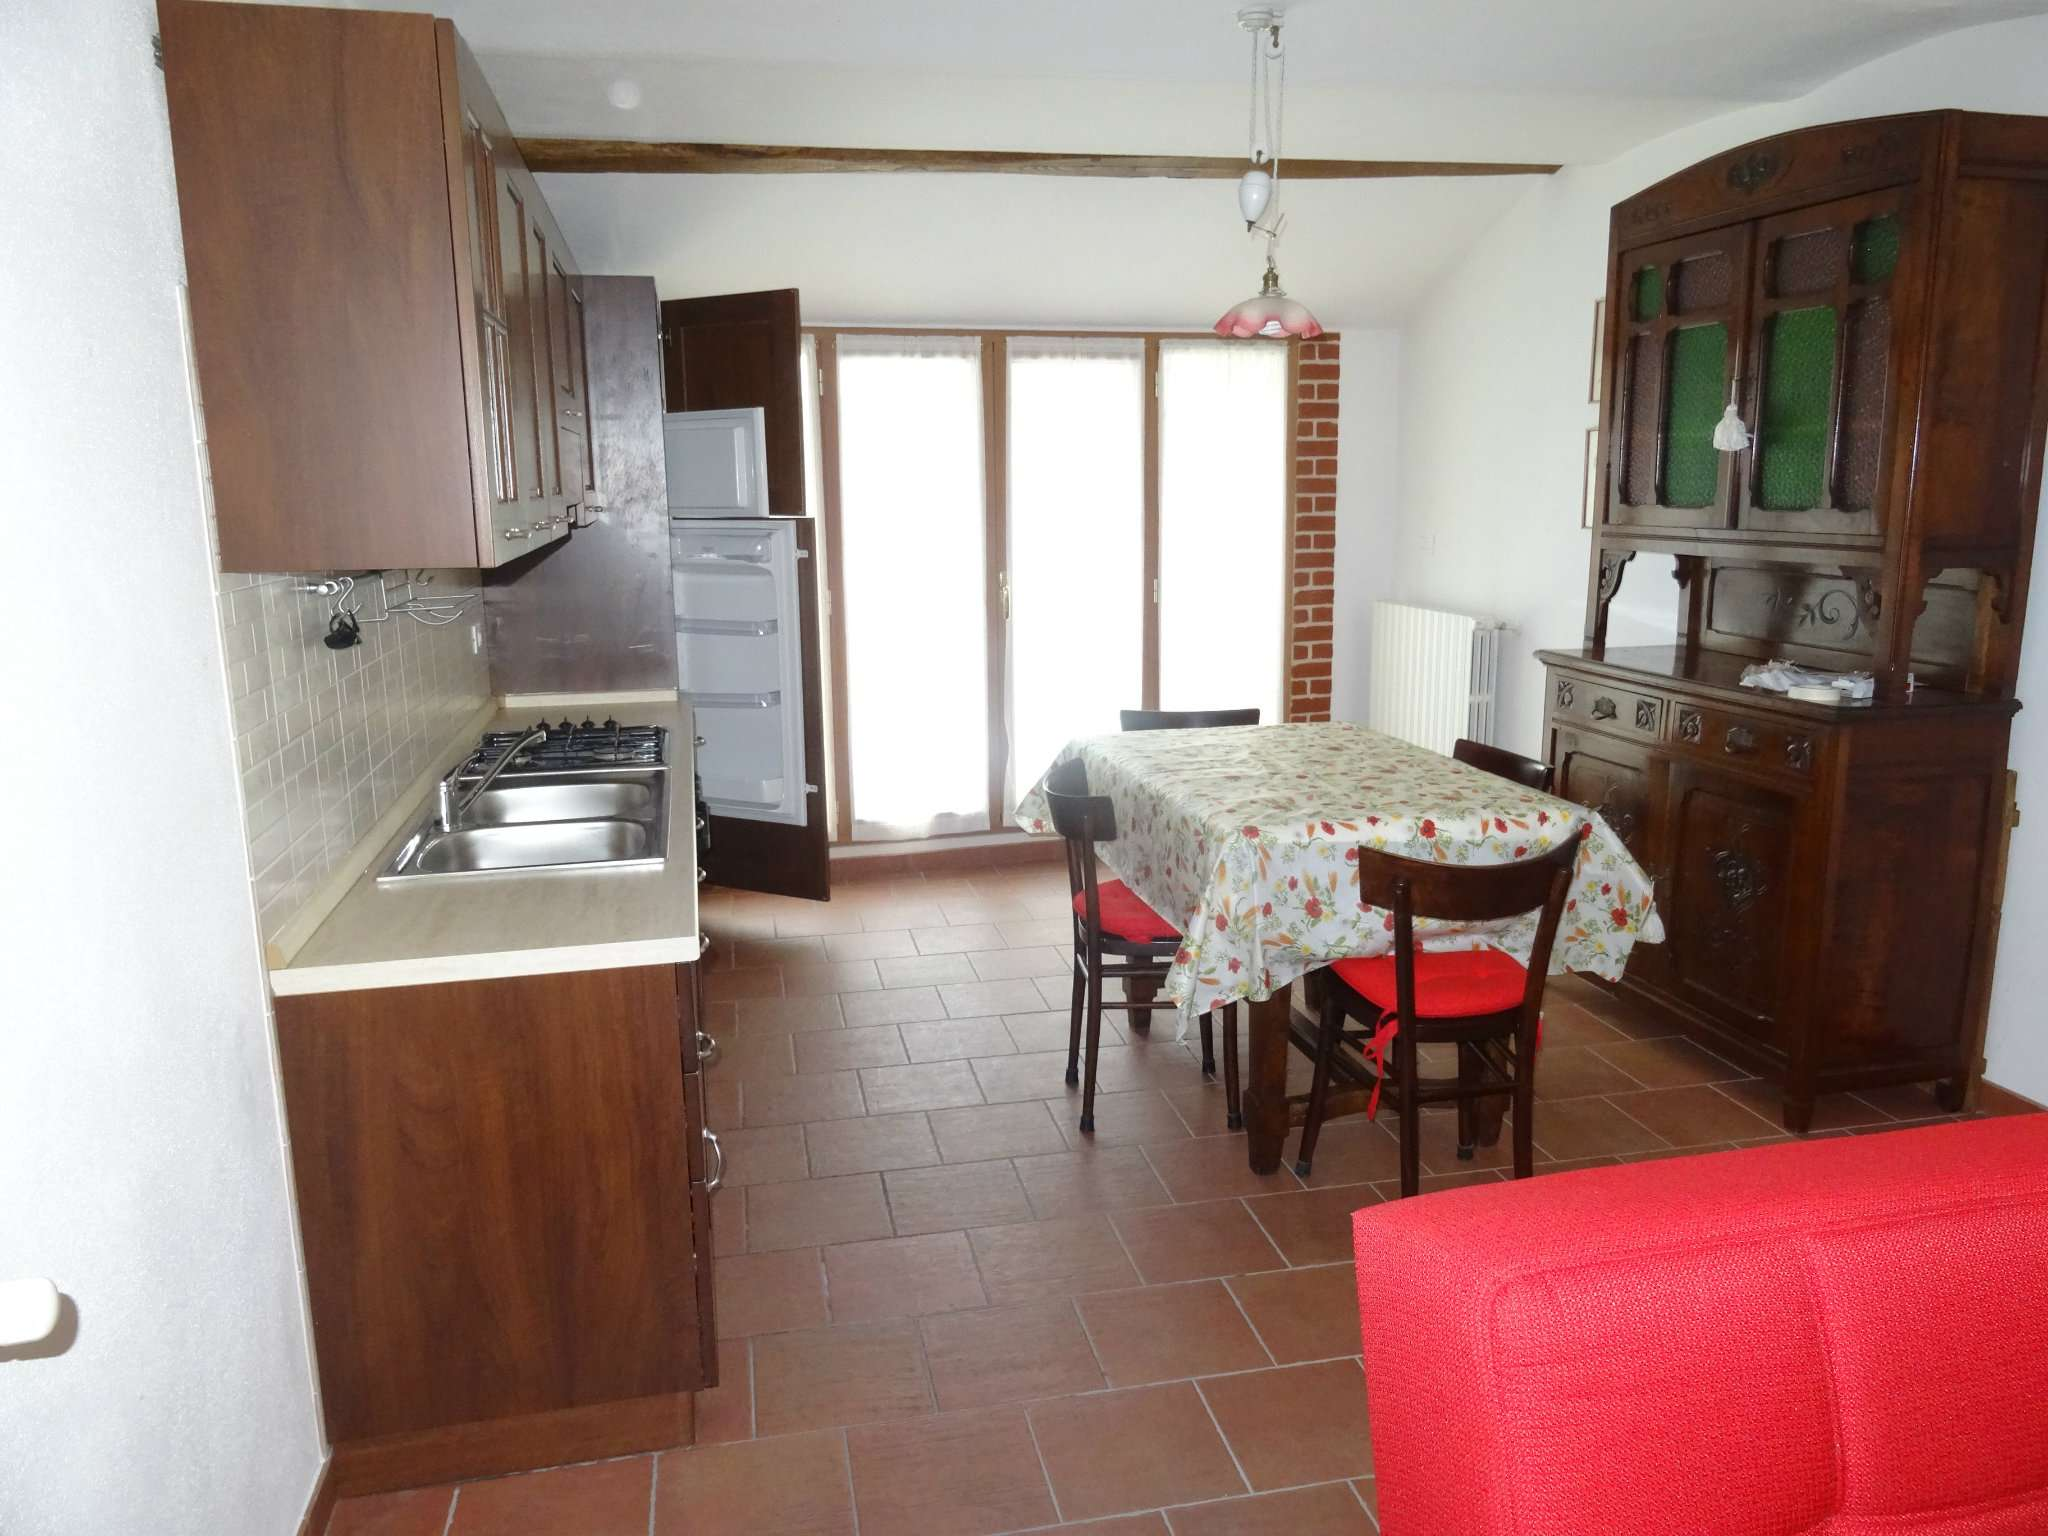 Appartamento in affitto a Mondovì, 2 locali, prezzo € 350 | CambioCasa.it